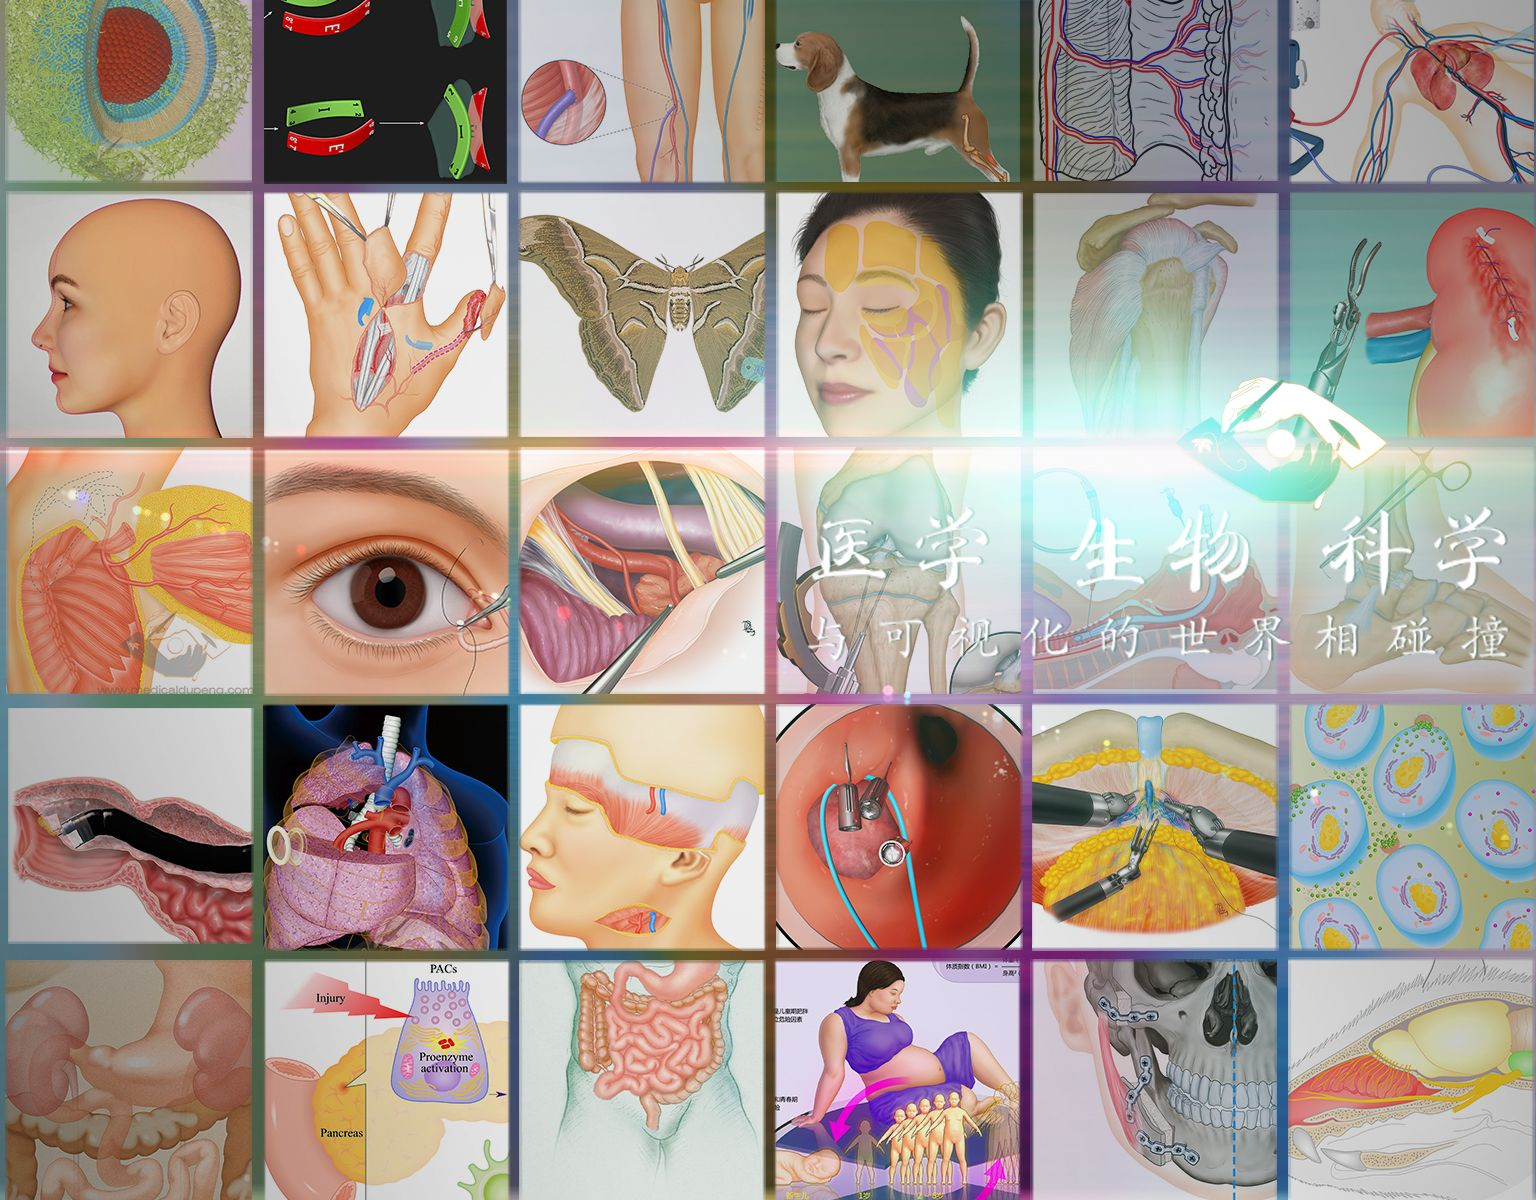 医学插画师-动画师-阿杜将医学、生物、科学与可视化的世界精彩碰撞!